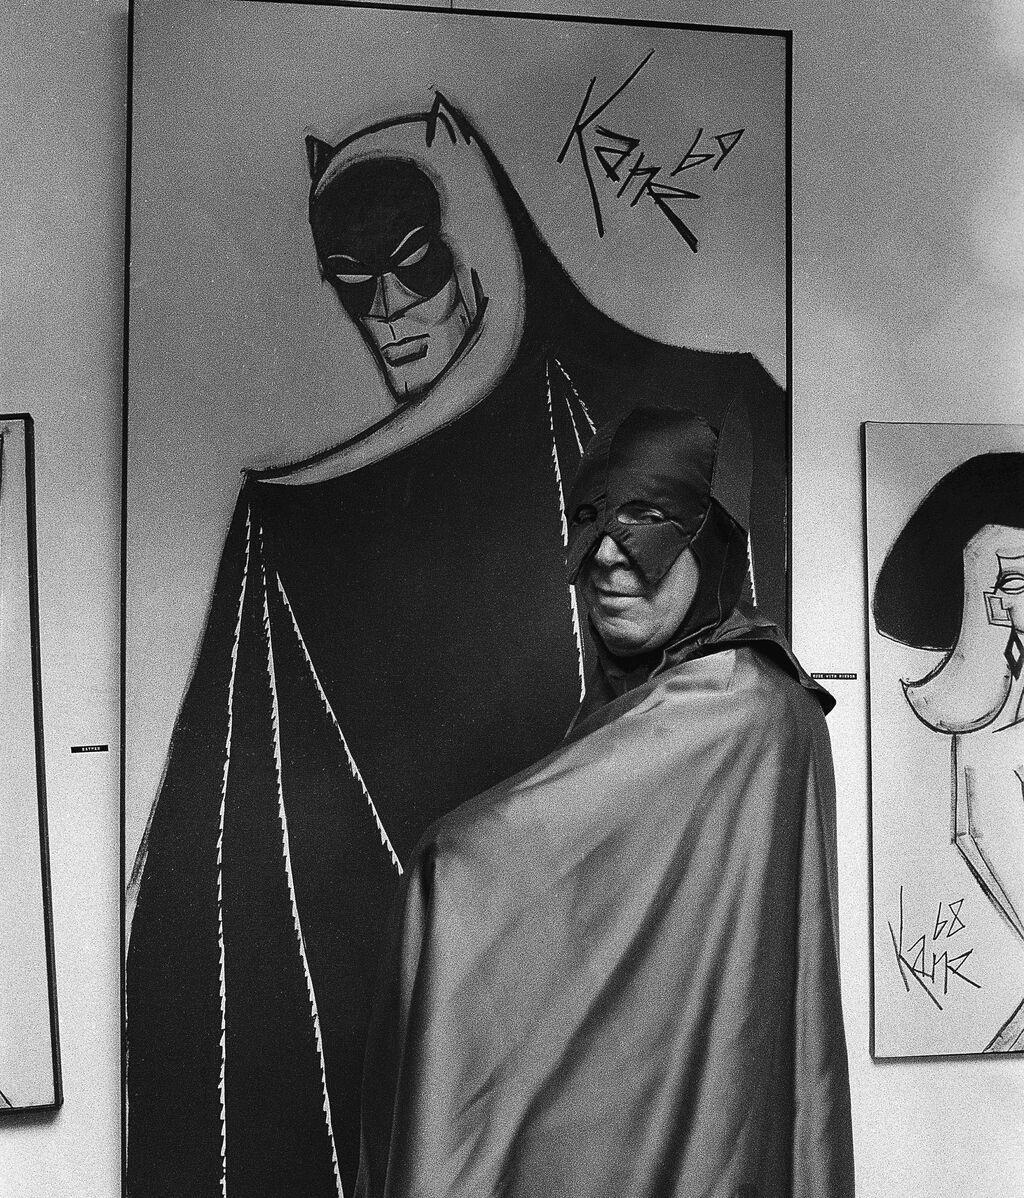 Bob Kane, creador de Batman, junto a un cuadro de su personaje